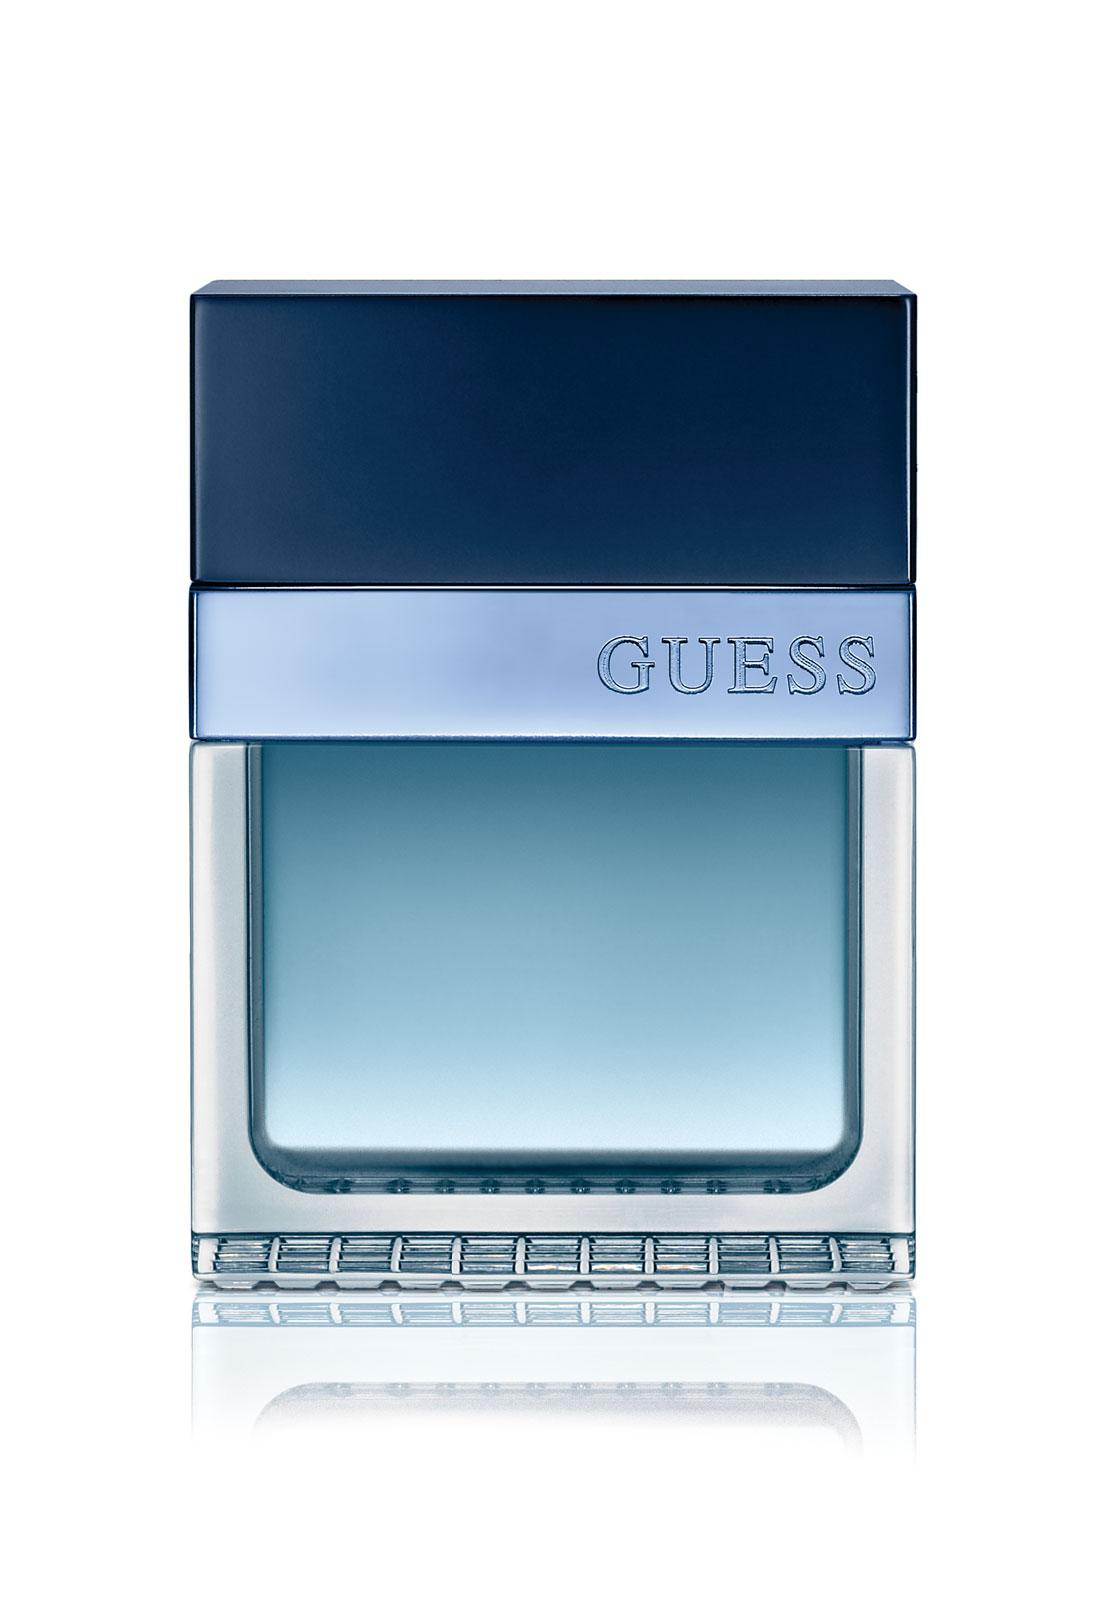 GUESS - SEDUCTIVE HOMME BLU EDT 50 ML